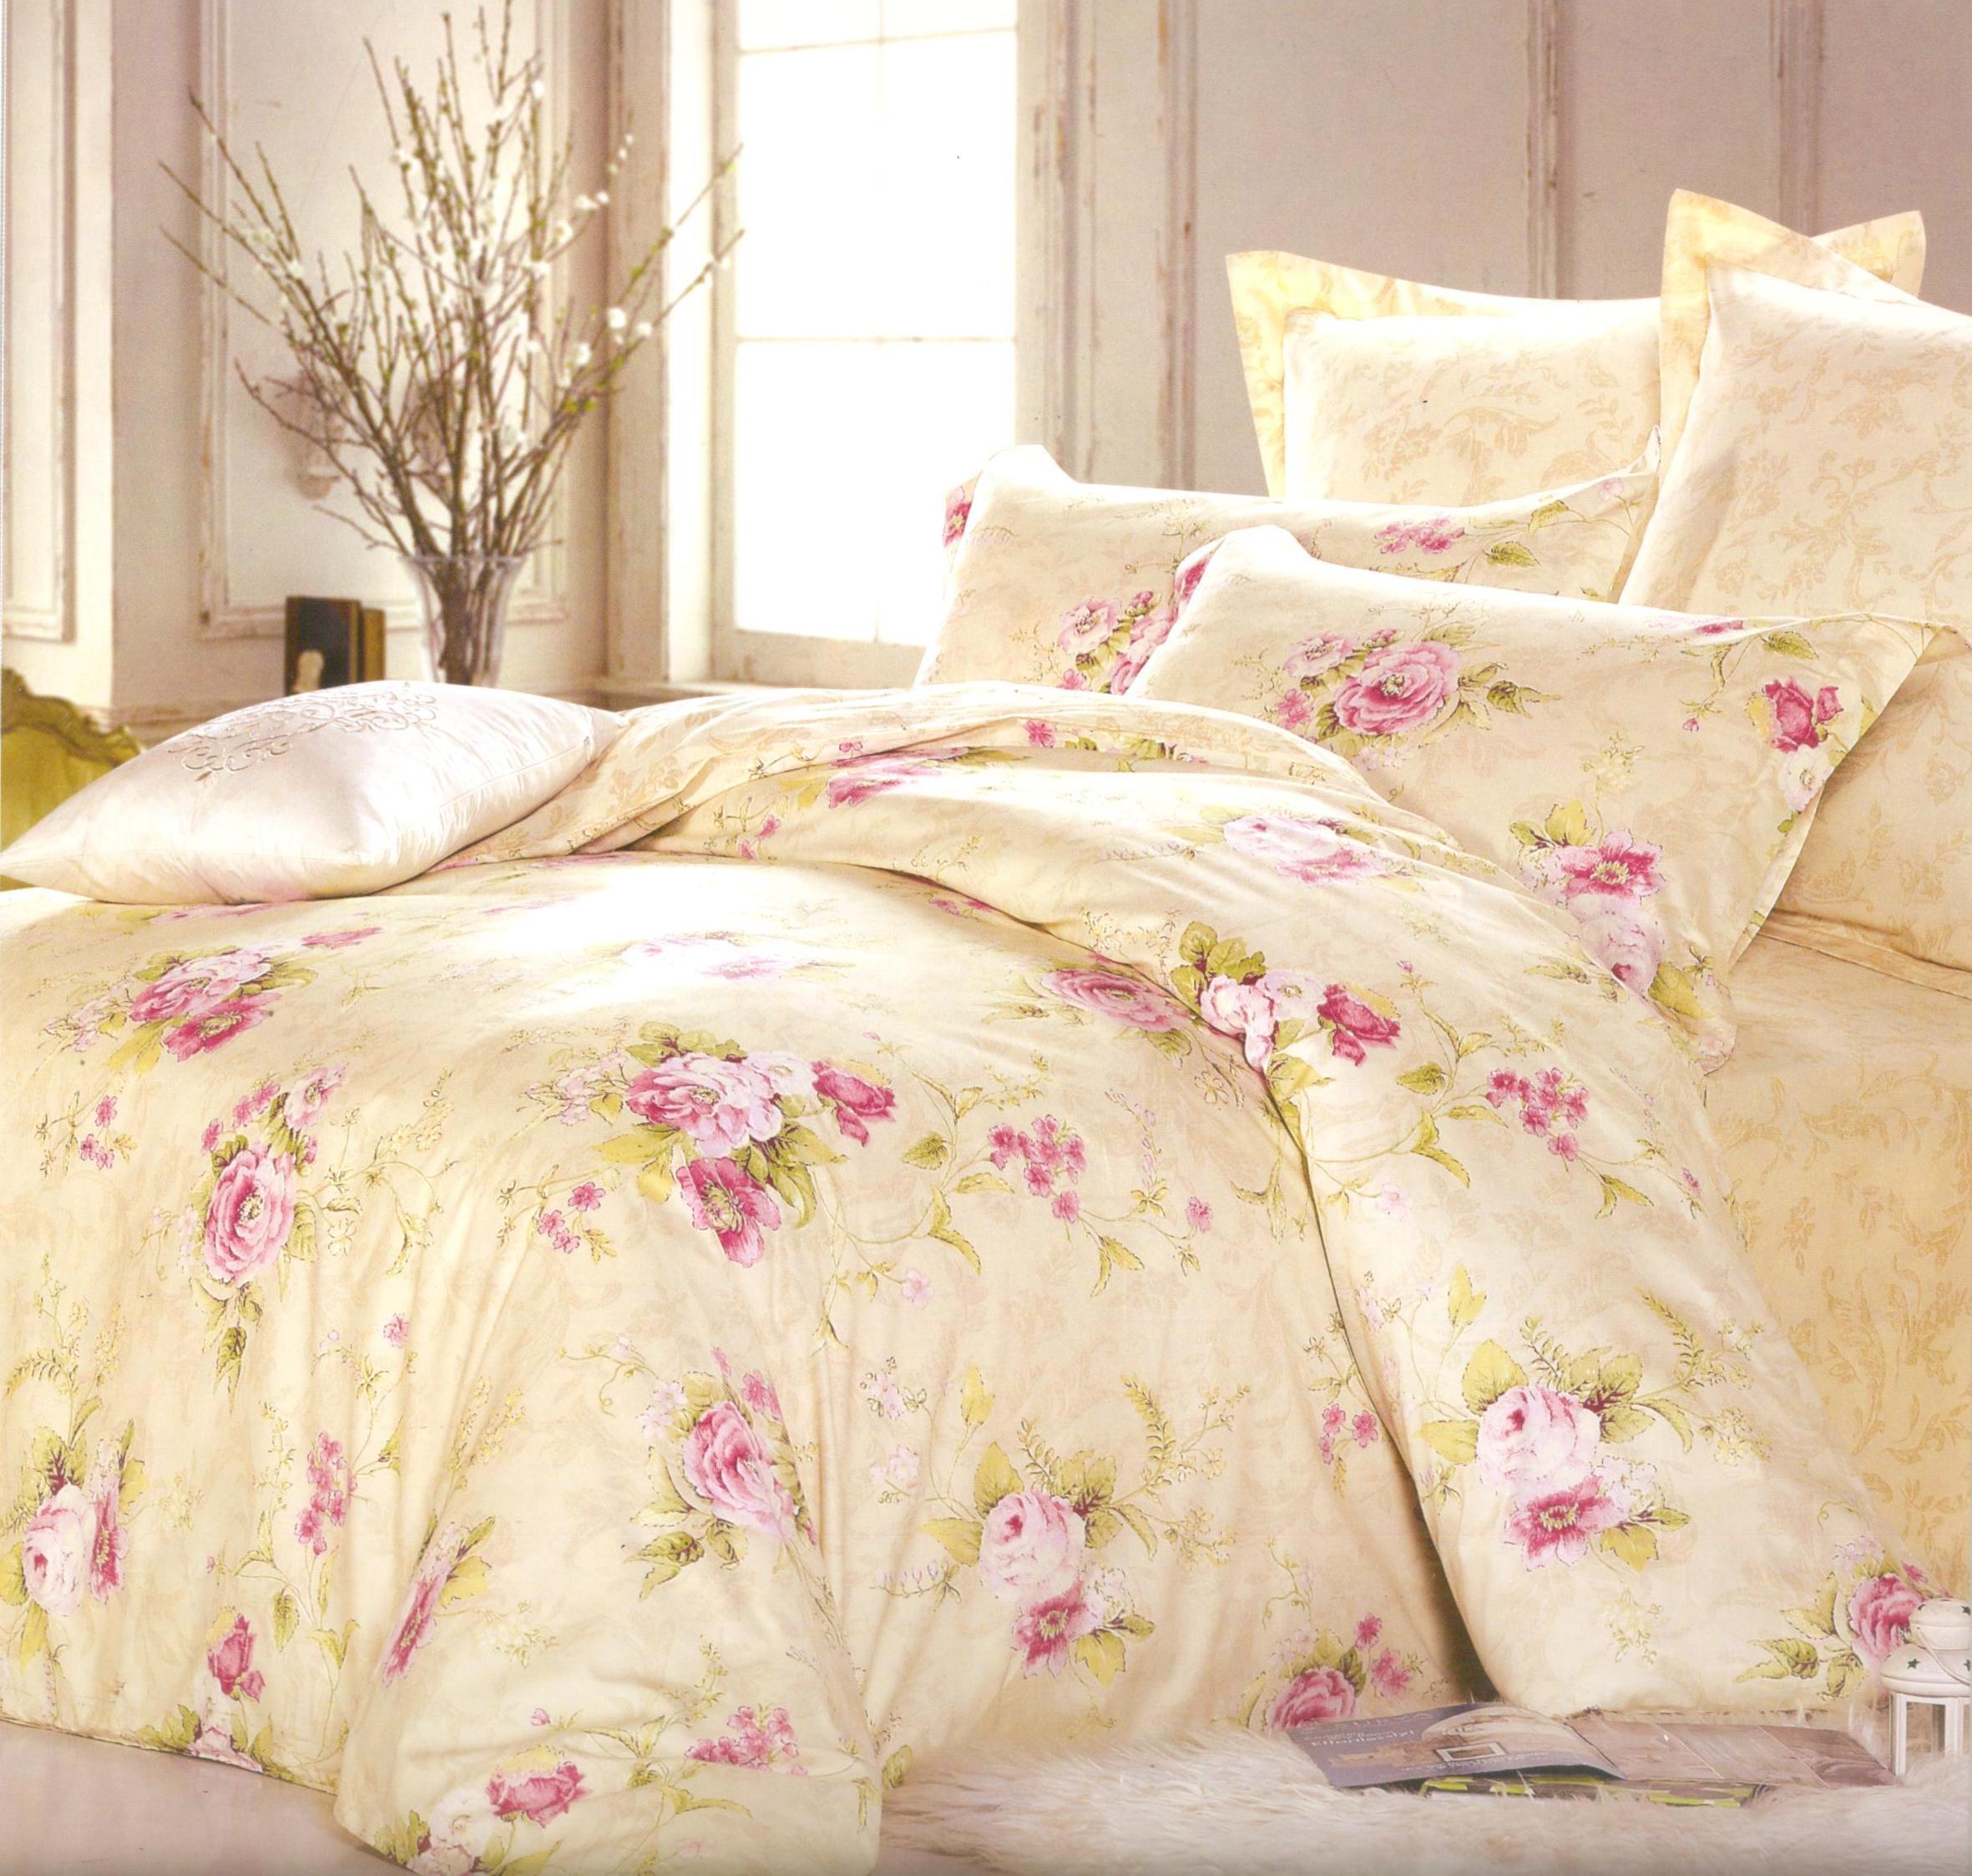 Купить Комплекты постельного белья СайлиД, Постельное белье Petra B-146 (2 спал.), Китай, Кремовый, Персиковый, Хлопковый сатин